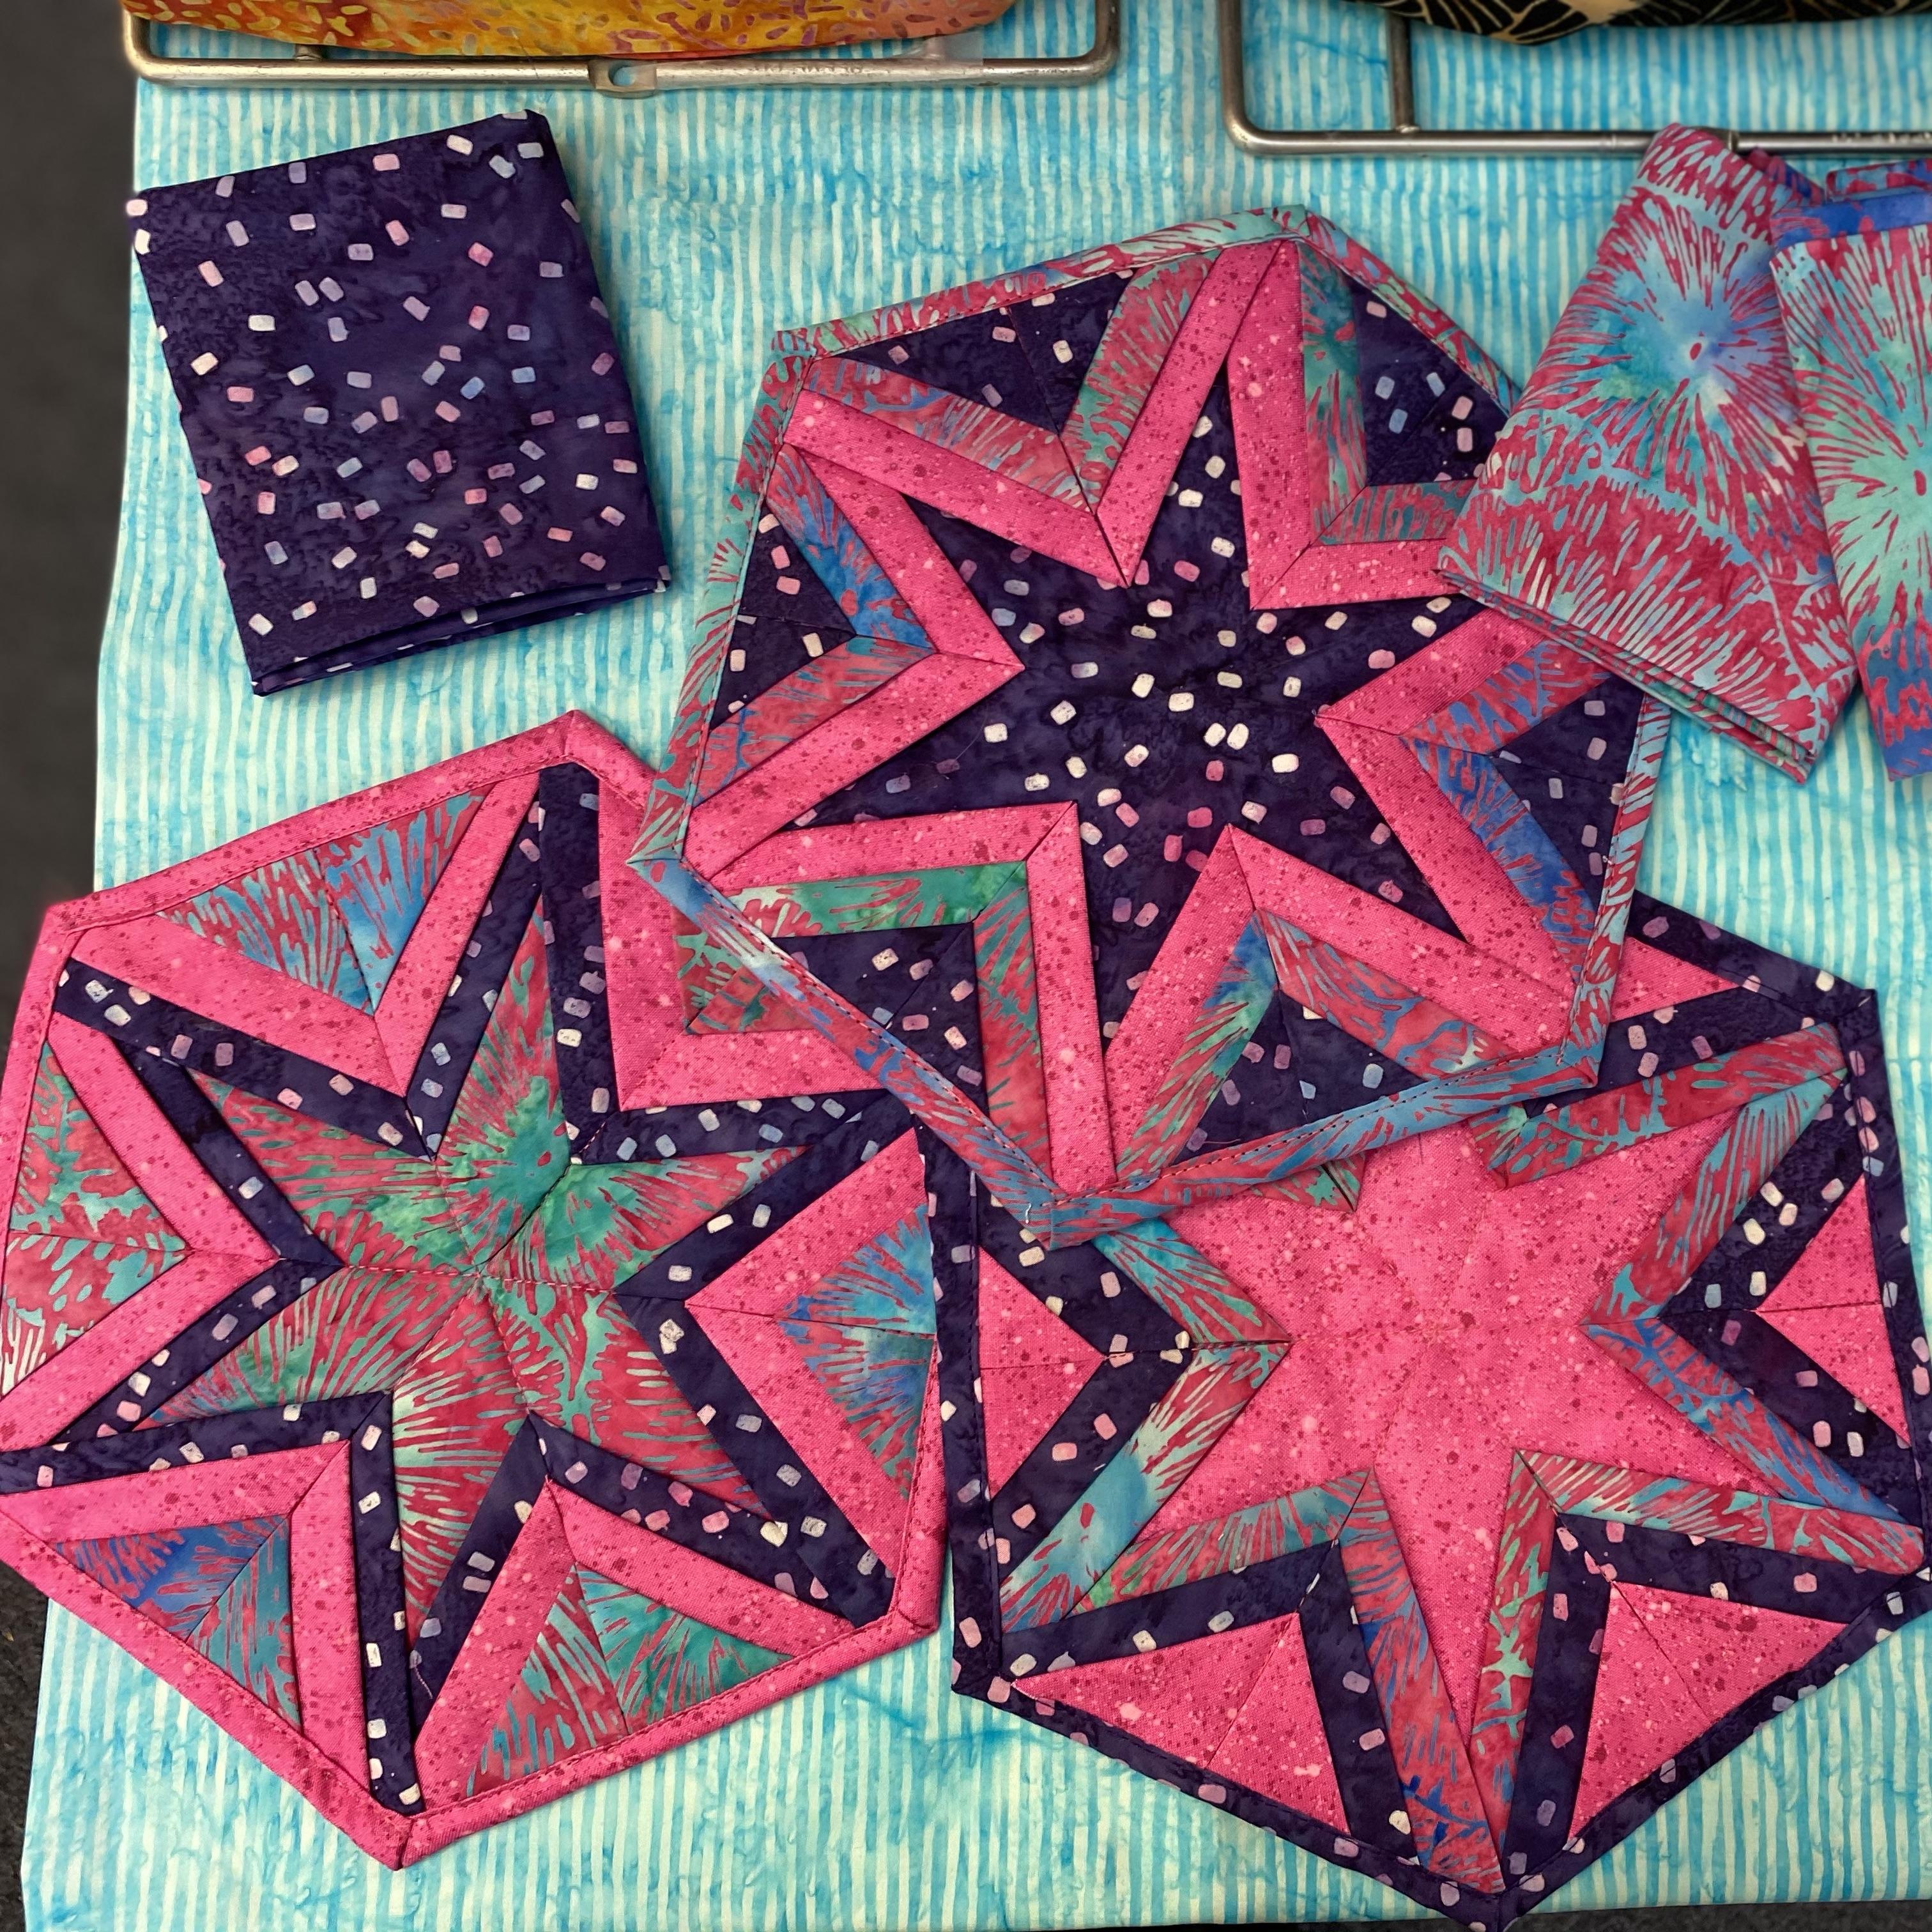 Prairie Star Hot Pad Kit